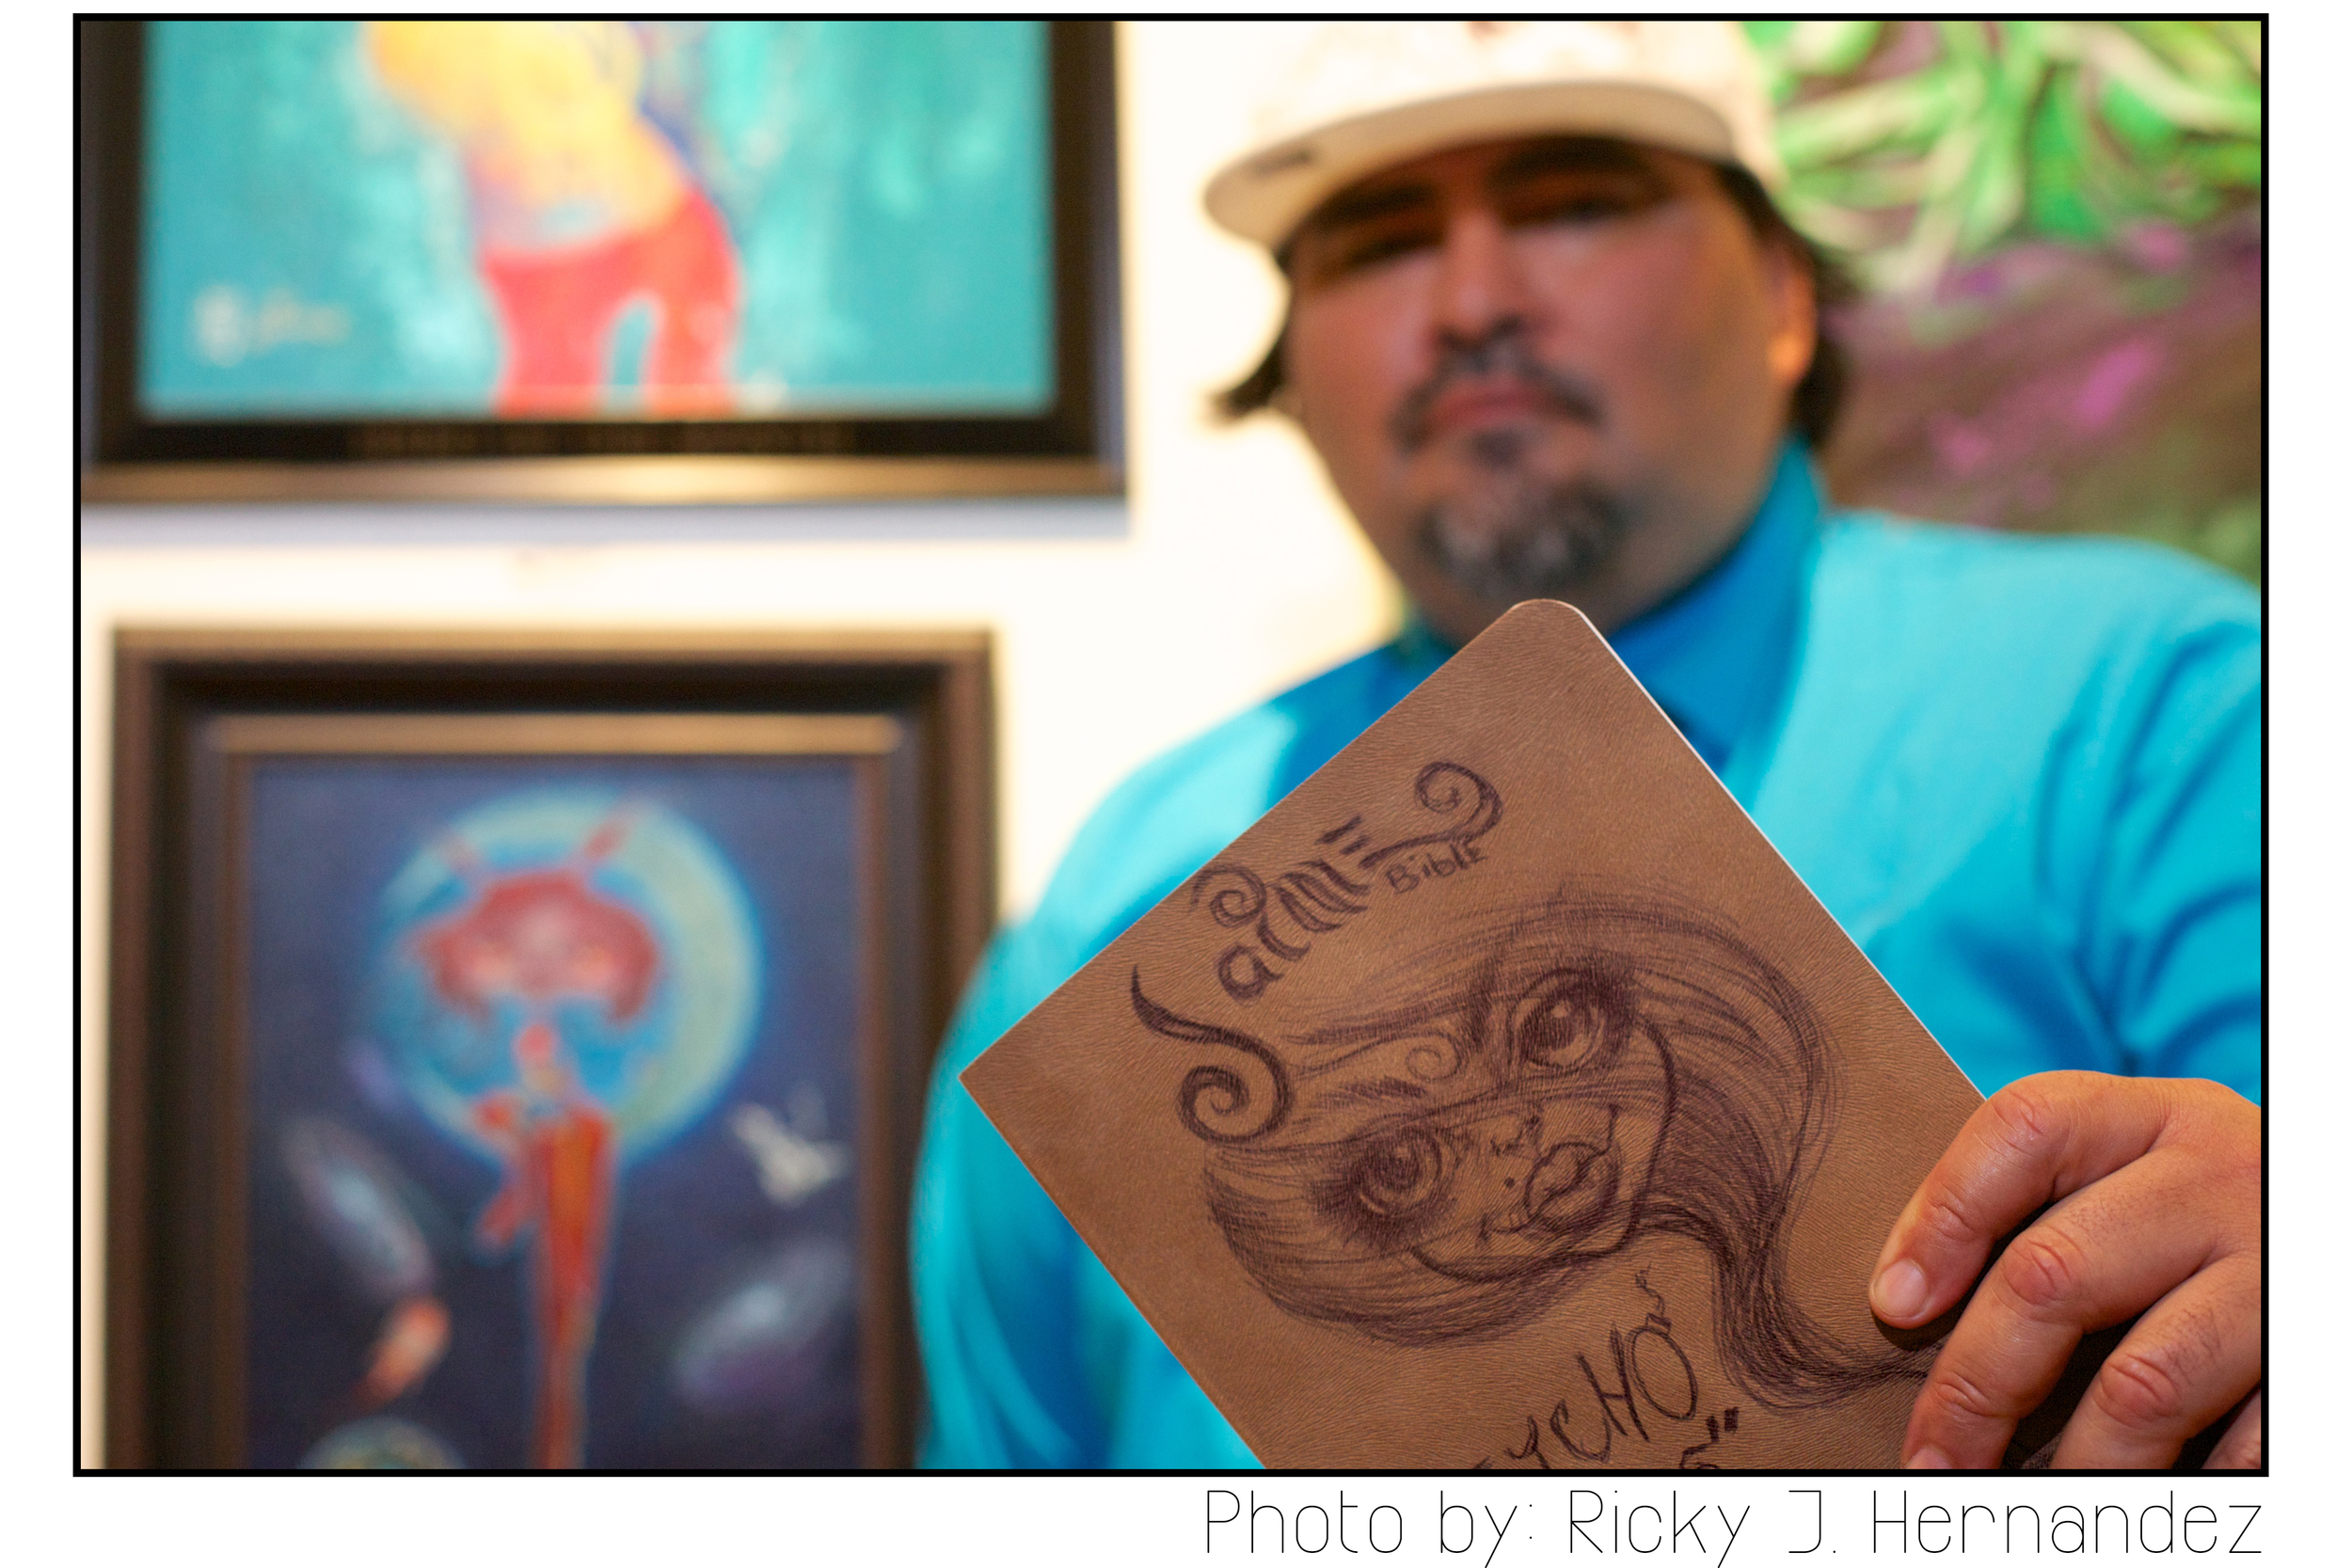 Ricky-J-Hernandez-com-714-200-3032-img-_MG_4611 copy